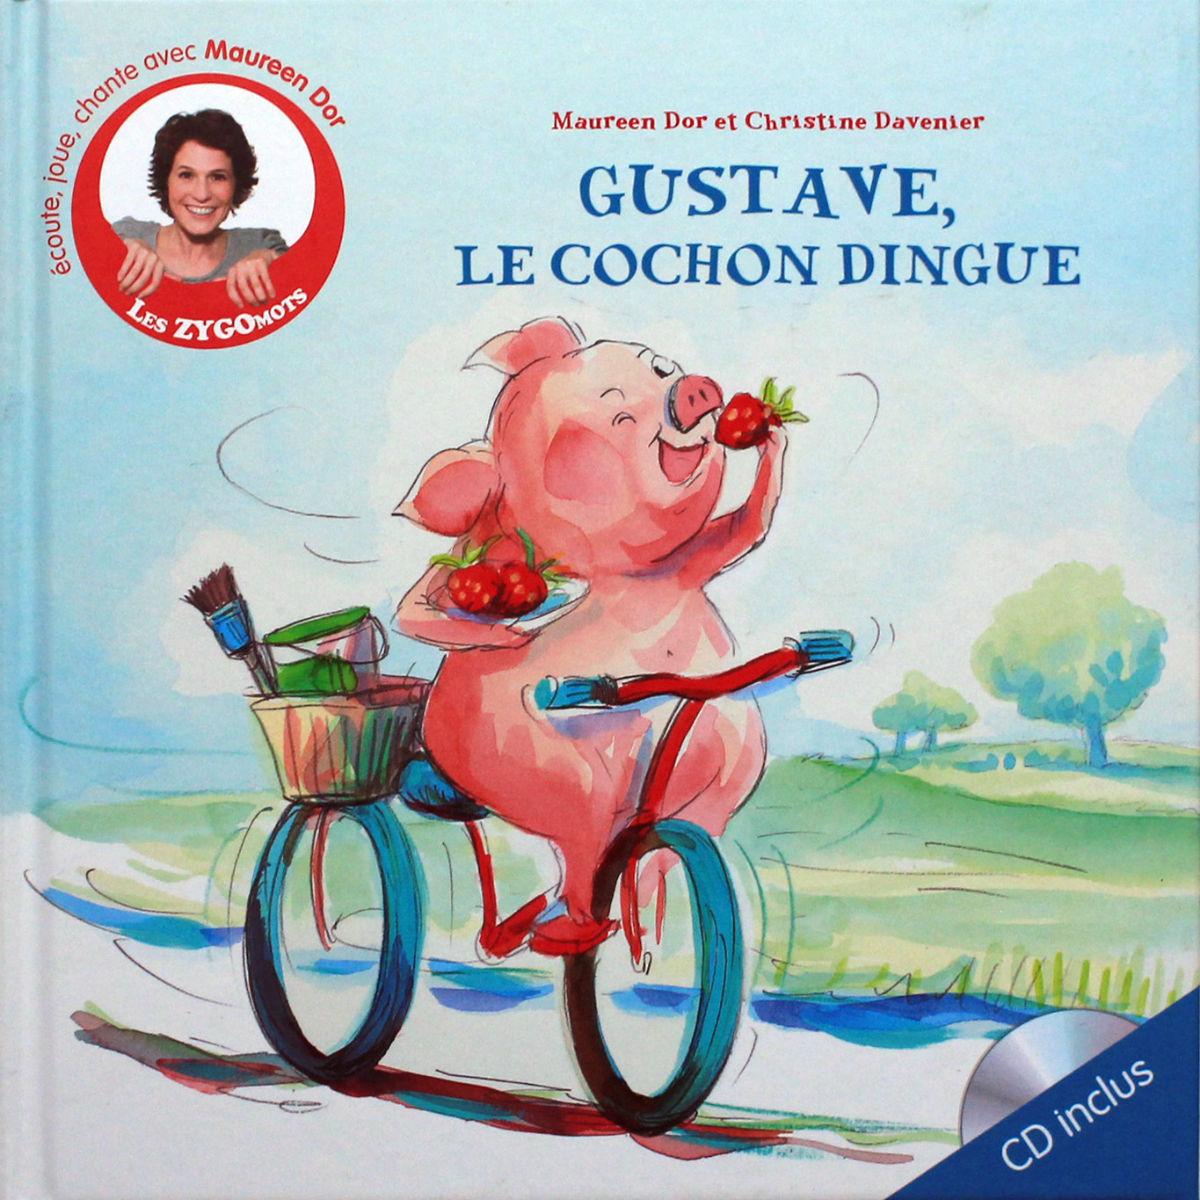 Gustave le cochon dingue